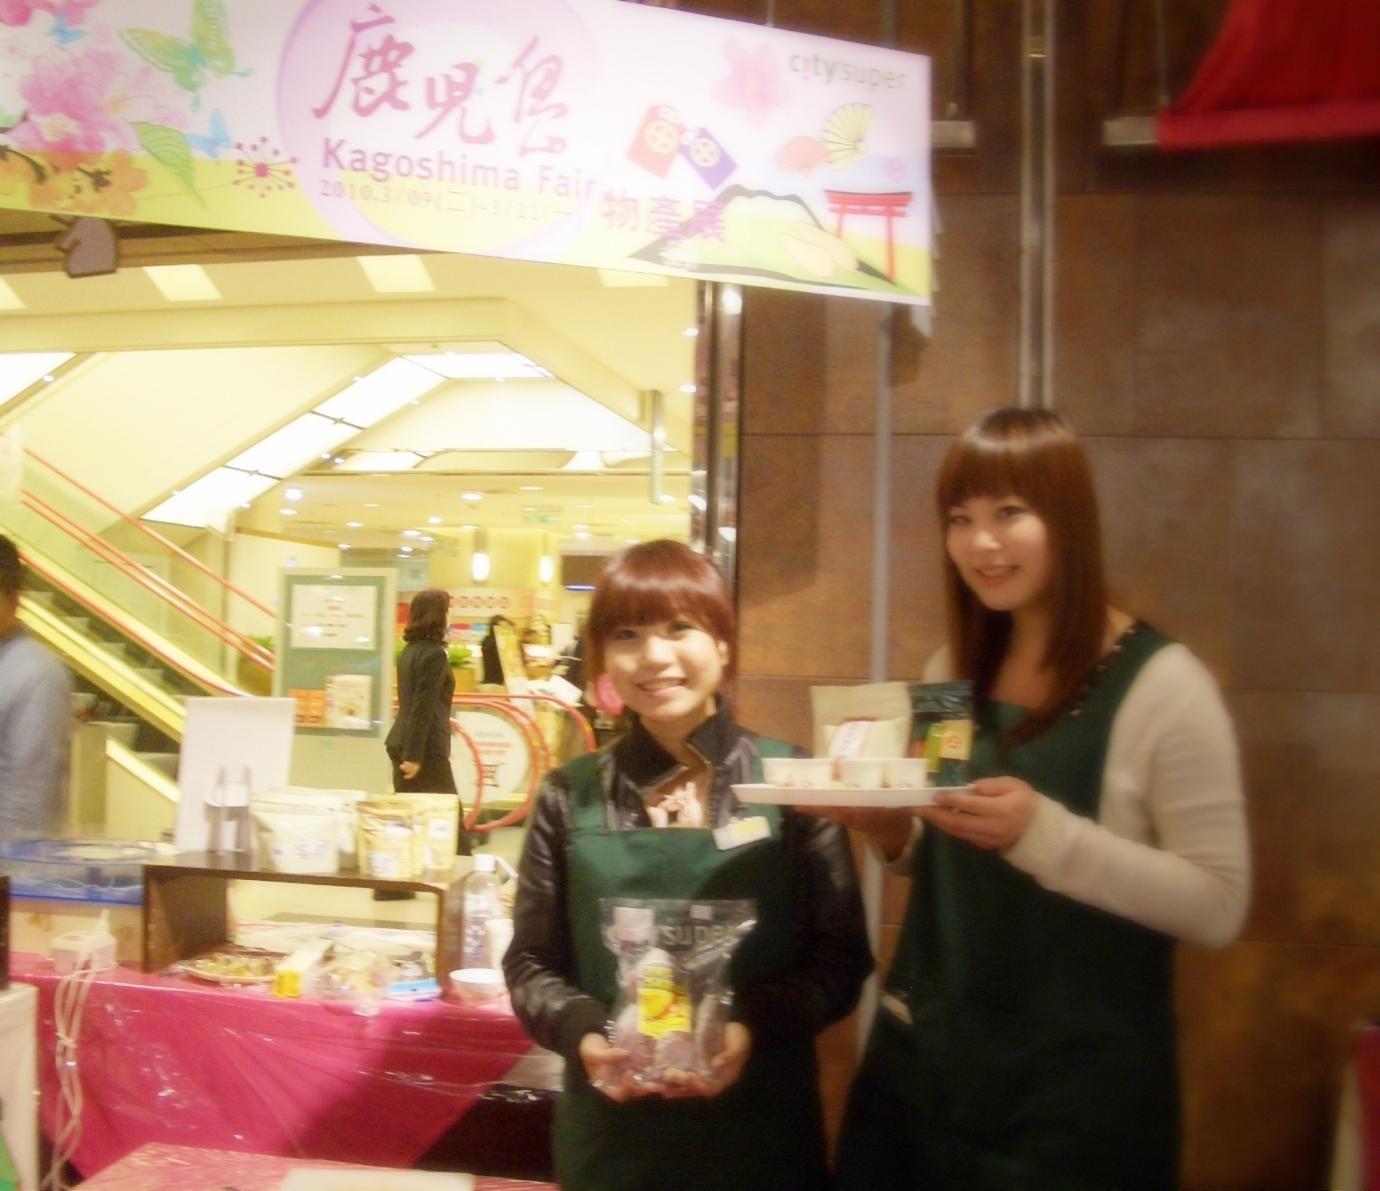 20011年 台湾 CITYSUPER 鹿児島食品展示会 通訳販売